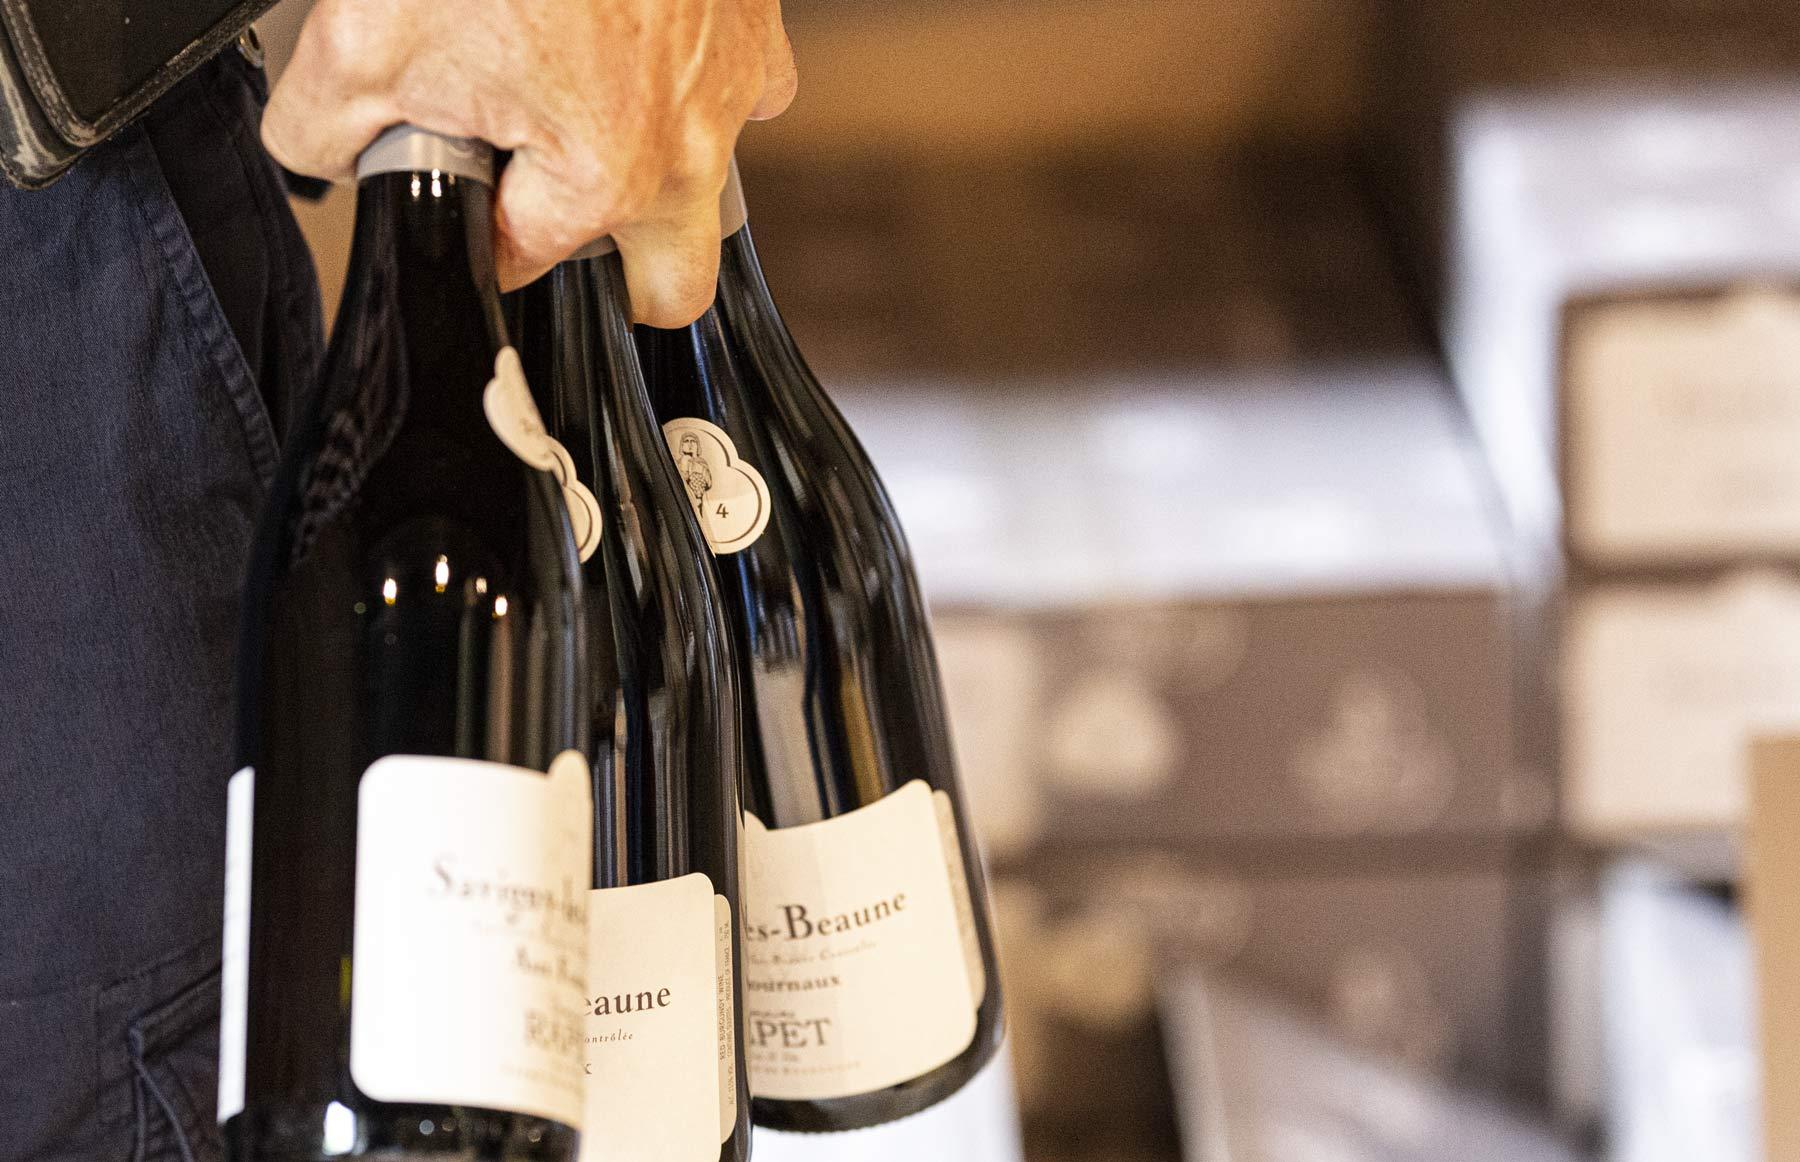 Der Wein ist das Endprodukt einer sehr langen Entstehungsgeschichte